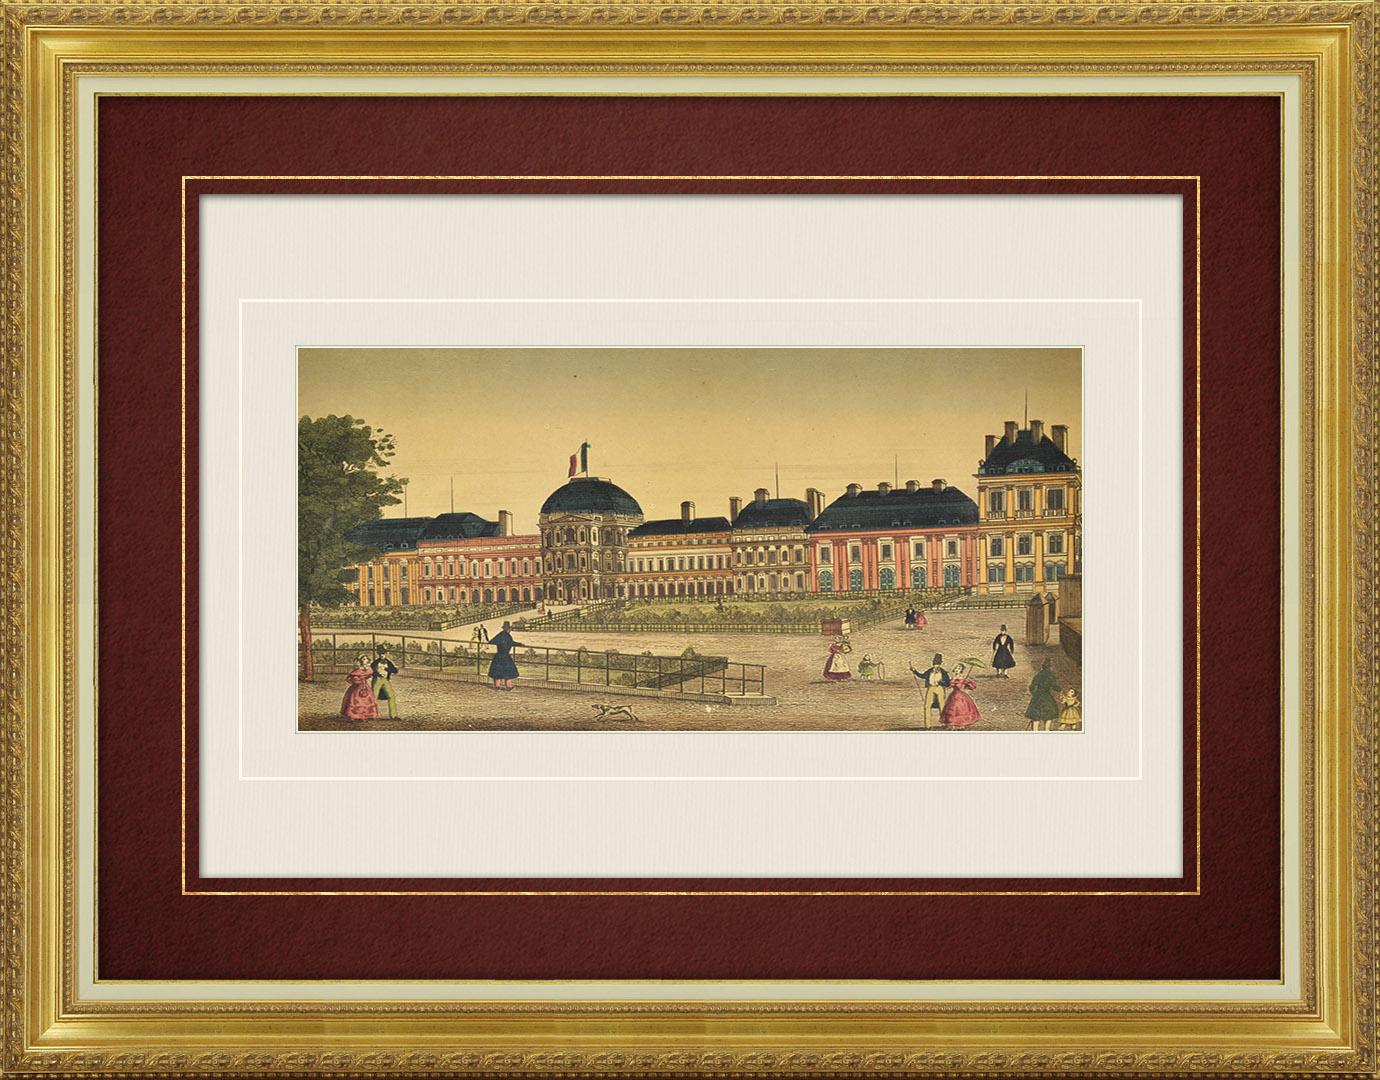 Vue d'optique du 19e siècle en coloris d'époque du Palais des Tuileries à Paris (France)